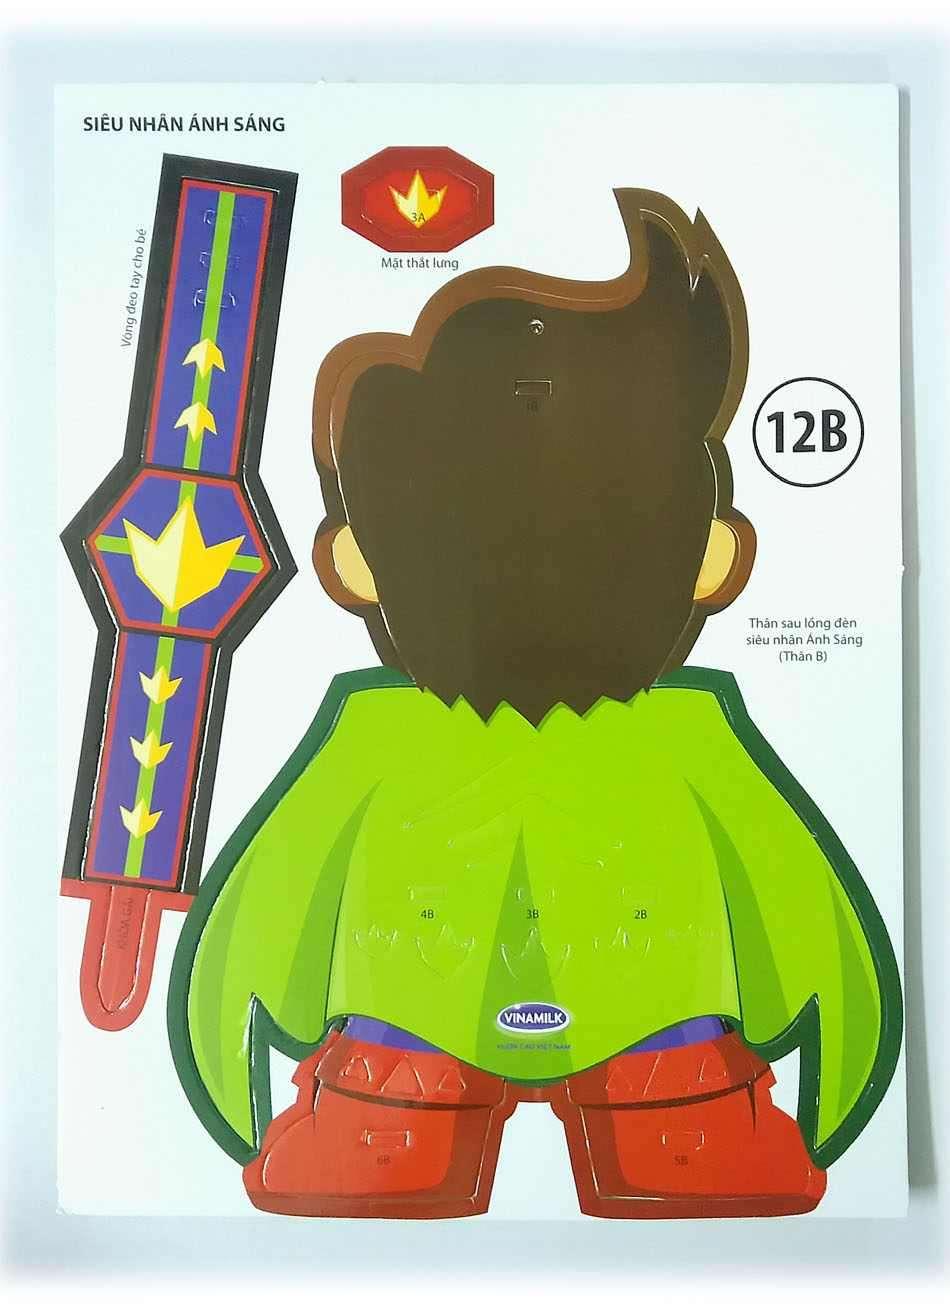 Bộ lồng đèn hóa trang Kibu 3 thứ lồng đèn, đồng hồ, kính Siêu nhân